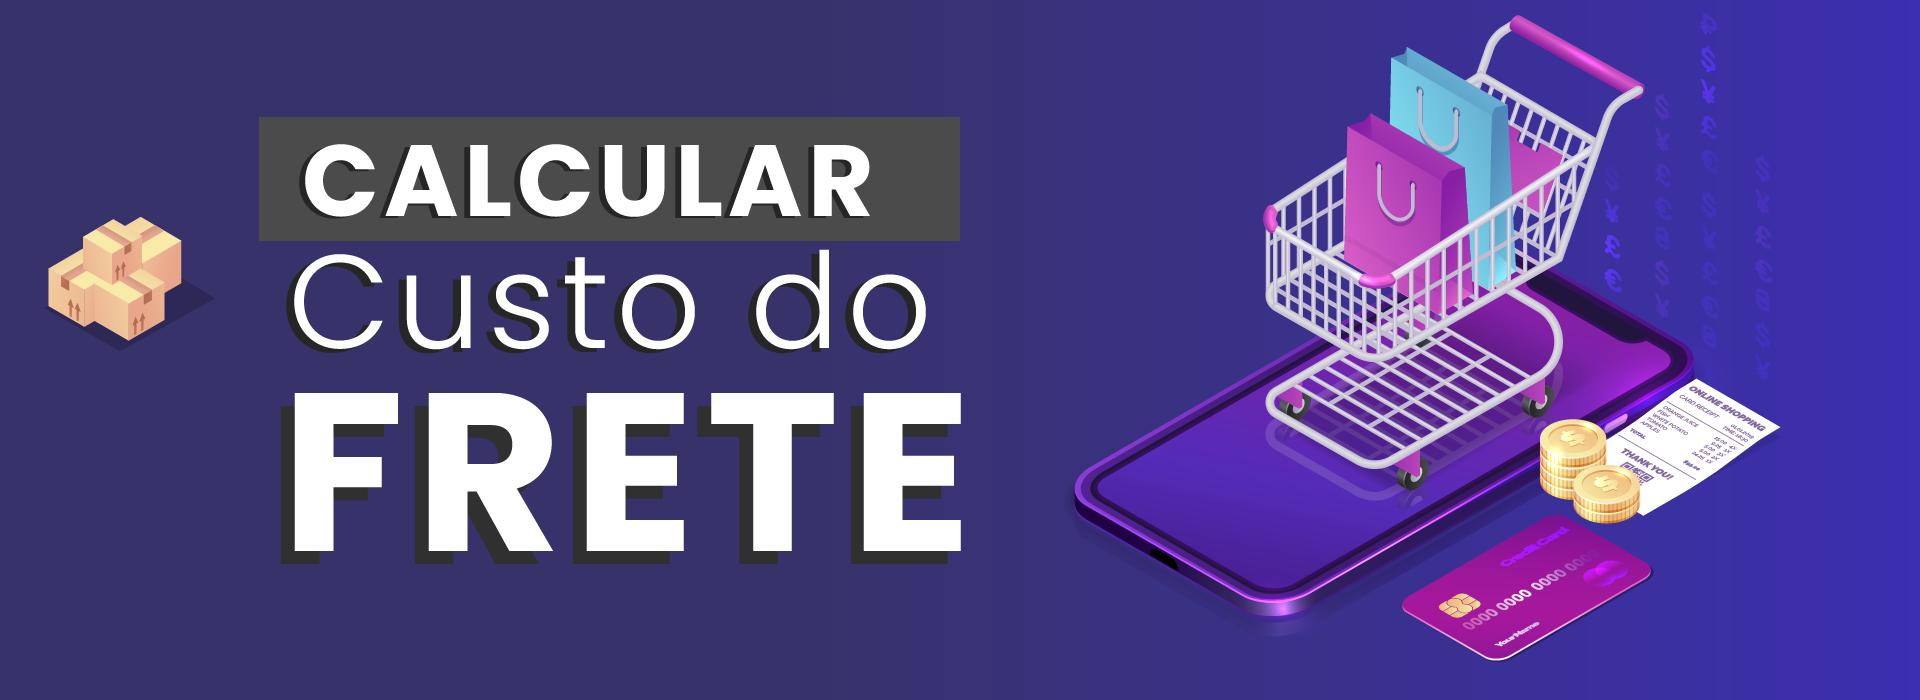 O IMPACTO DA LOGÍSTICA E FRETE PARA UM E-COMMERCE!